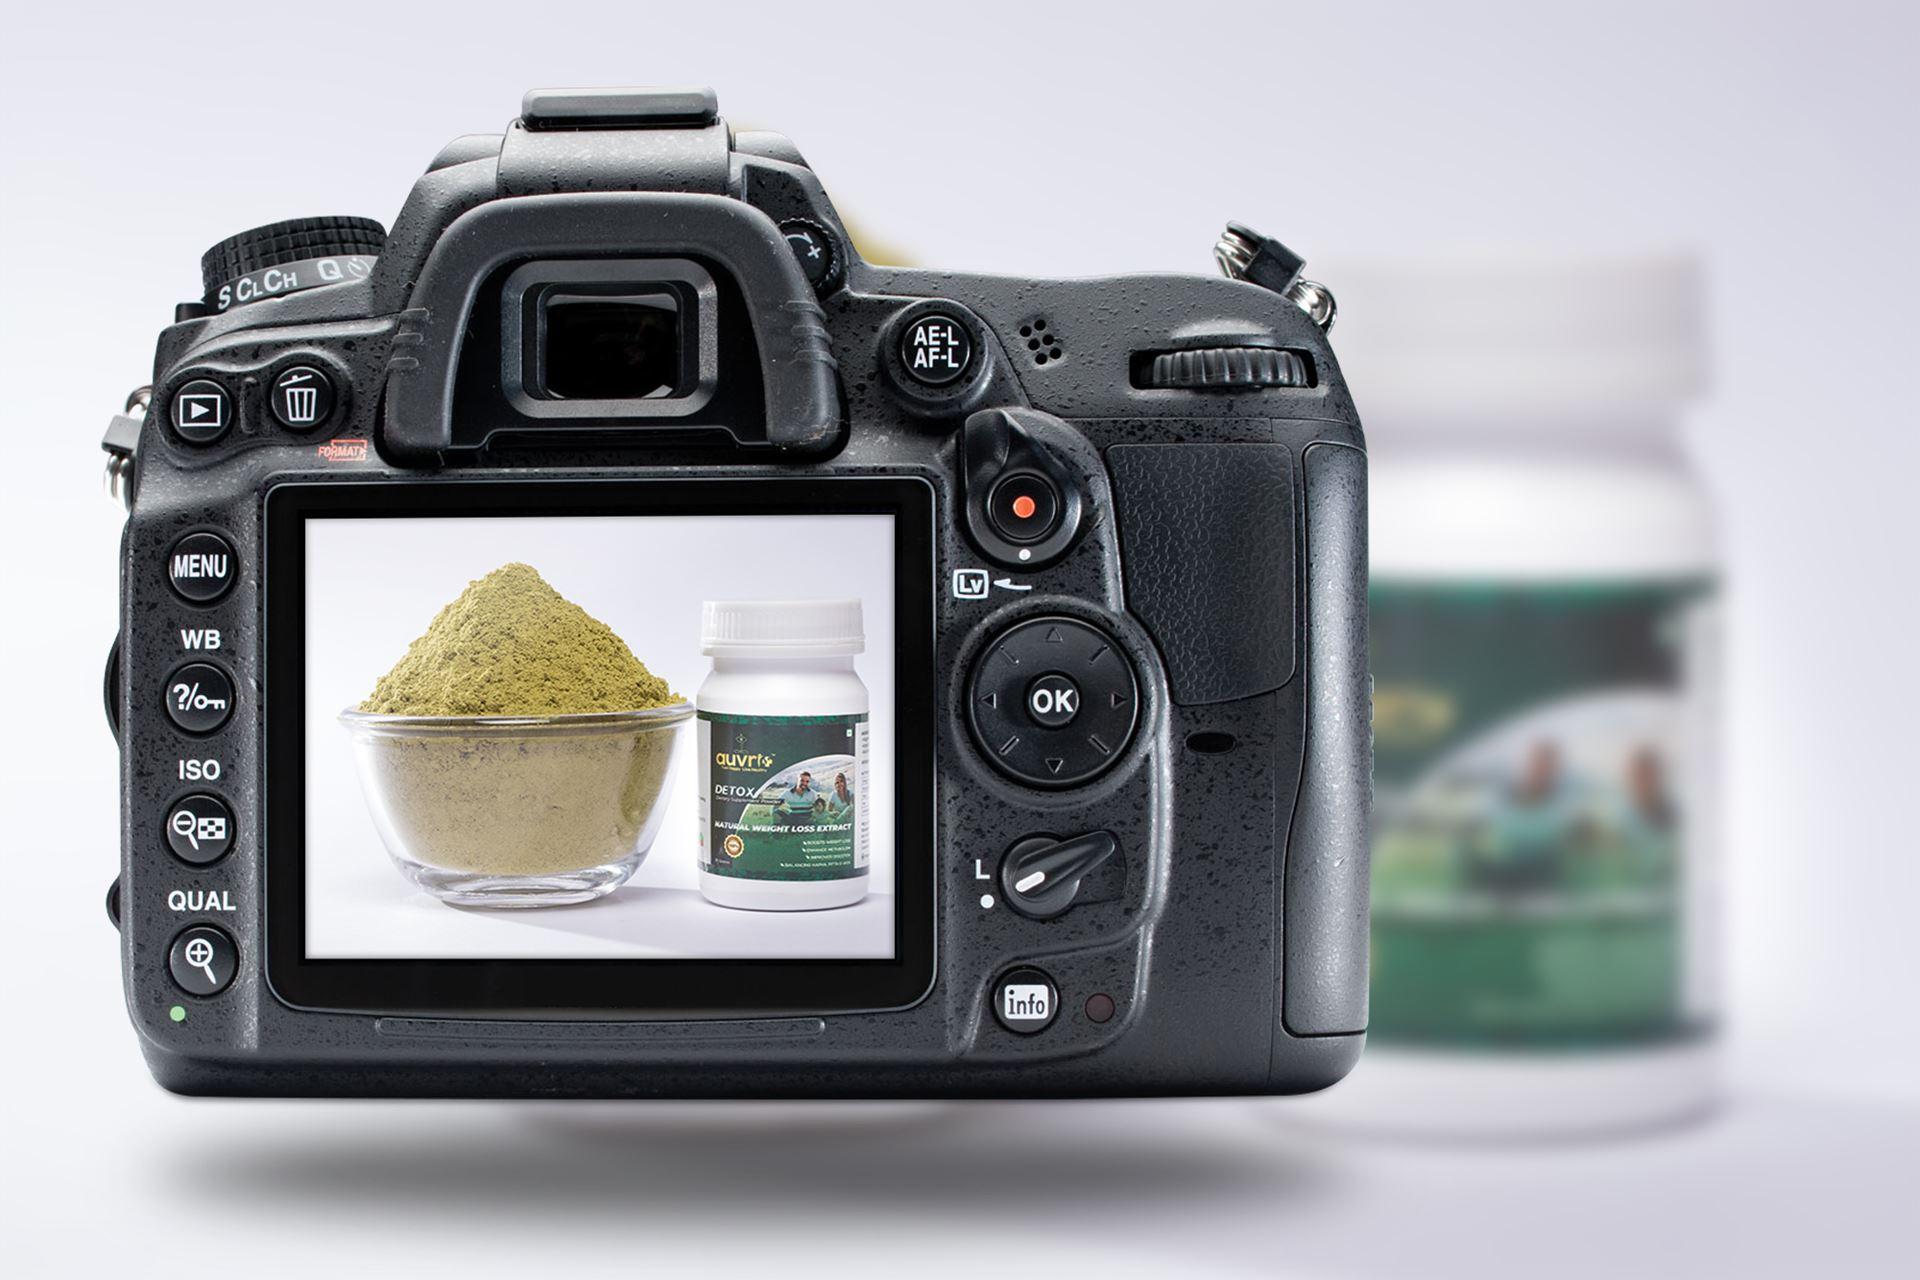 2_Photos_Mockup (Copy)